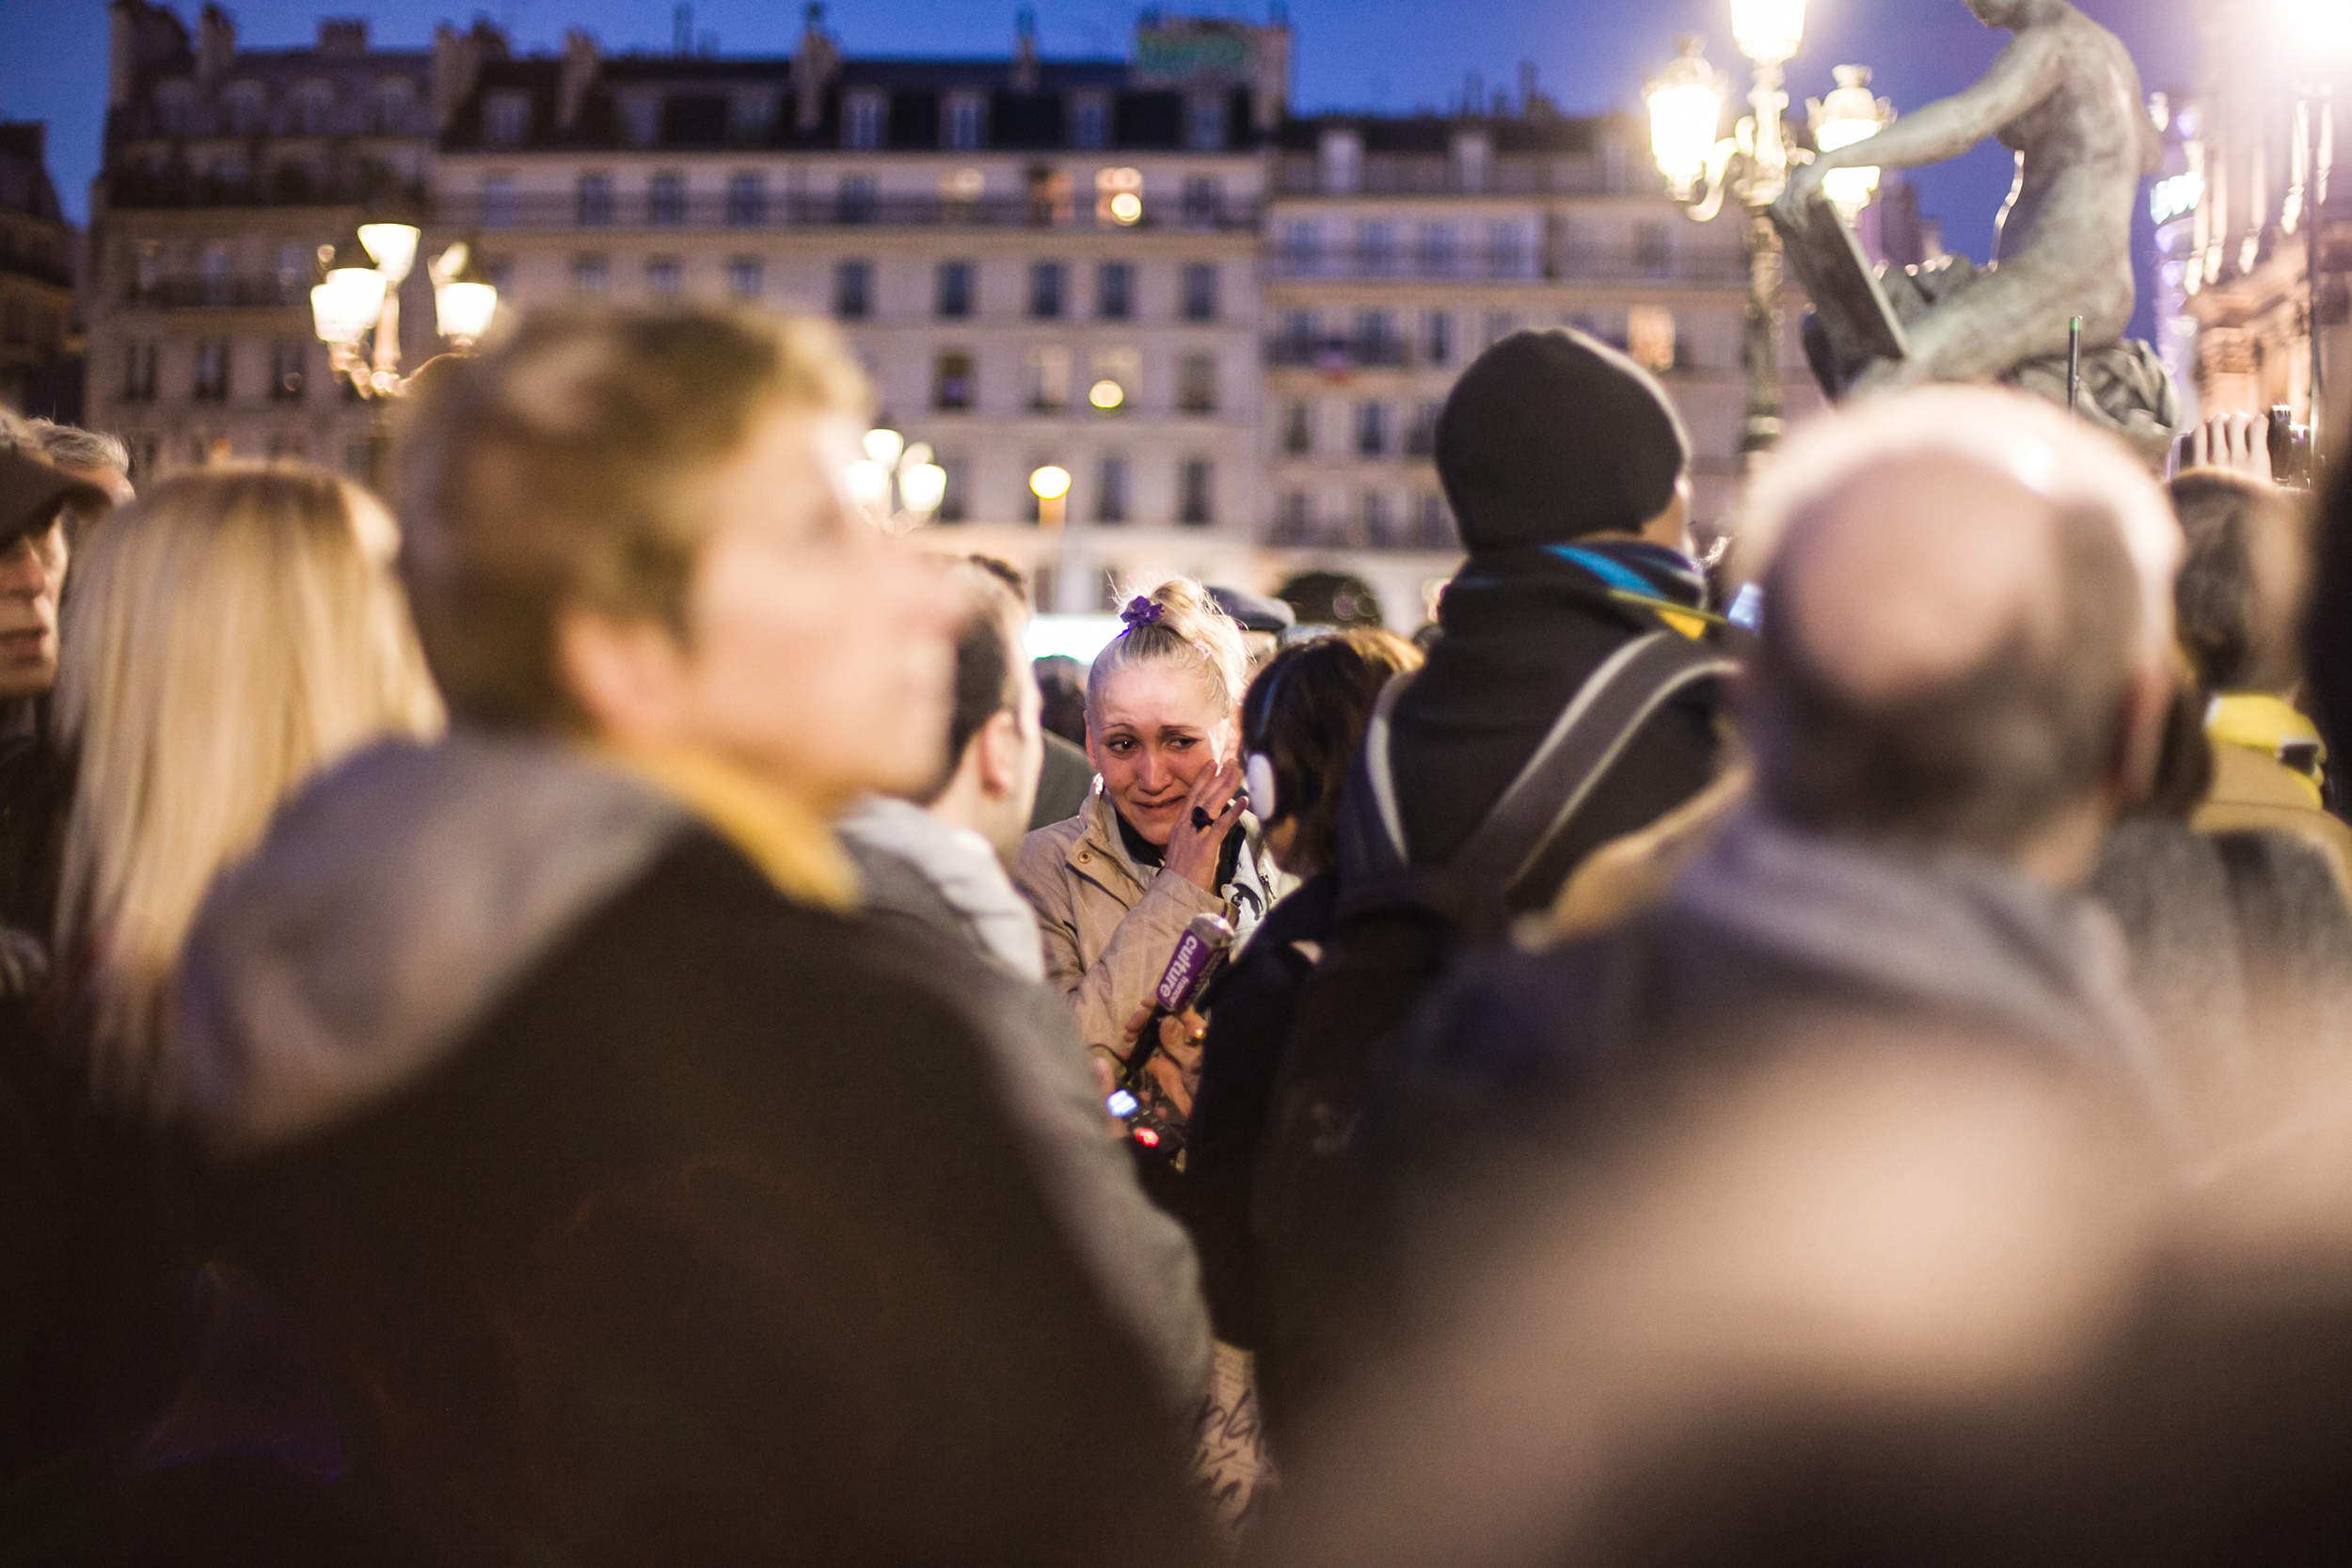 Paris, hôtel de ville, Minute de silence en hommage aux victimes des attentats de Bruxelles